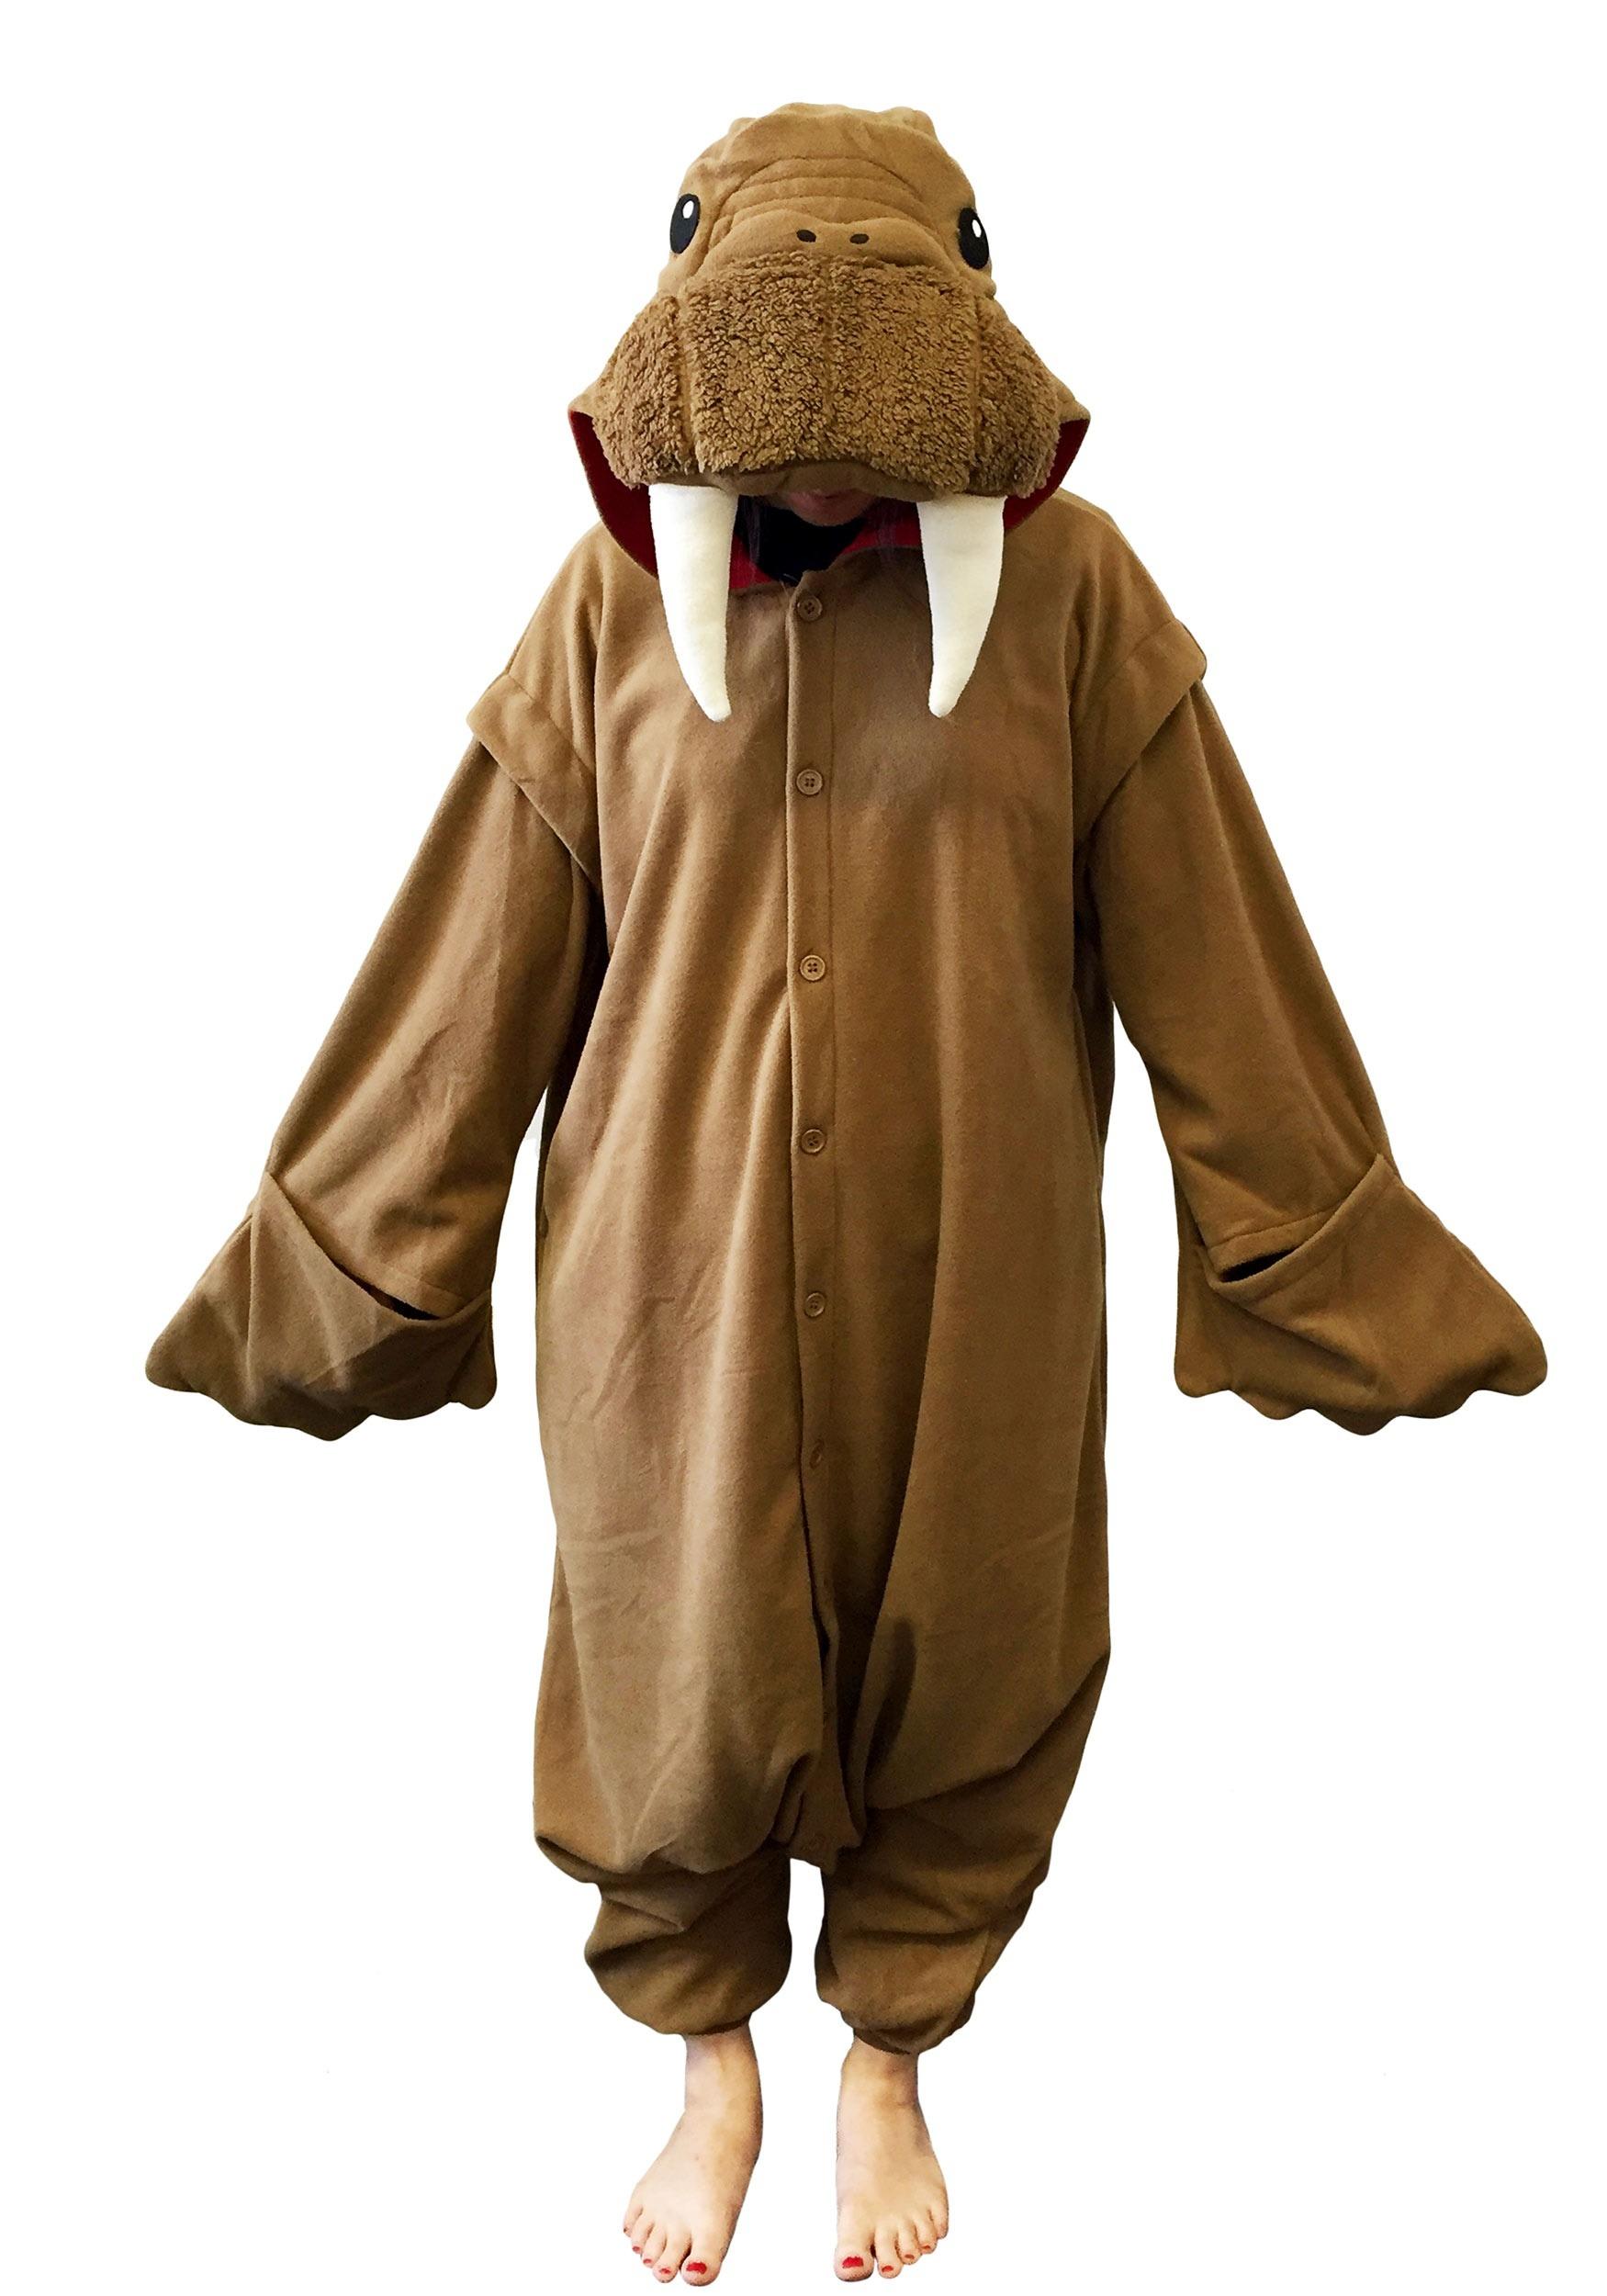 Walrus Kigurumi Costume For Adults